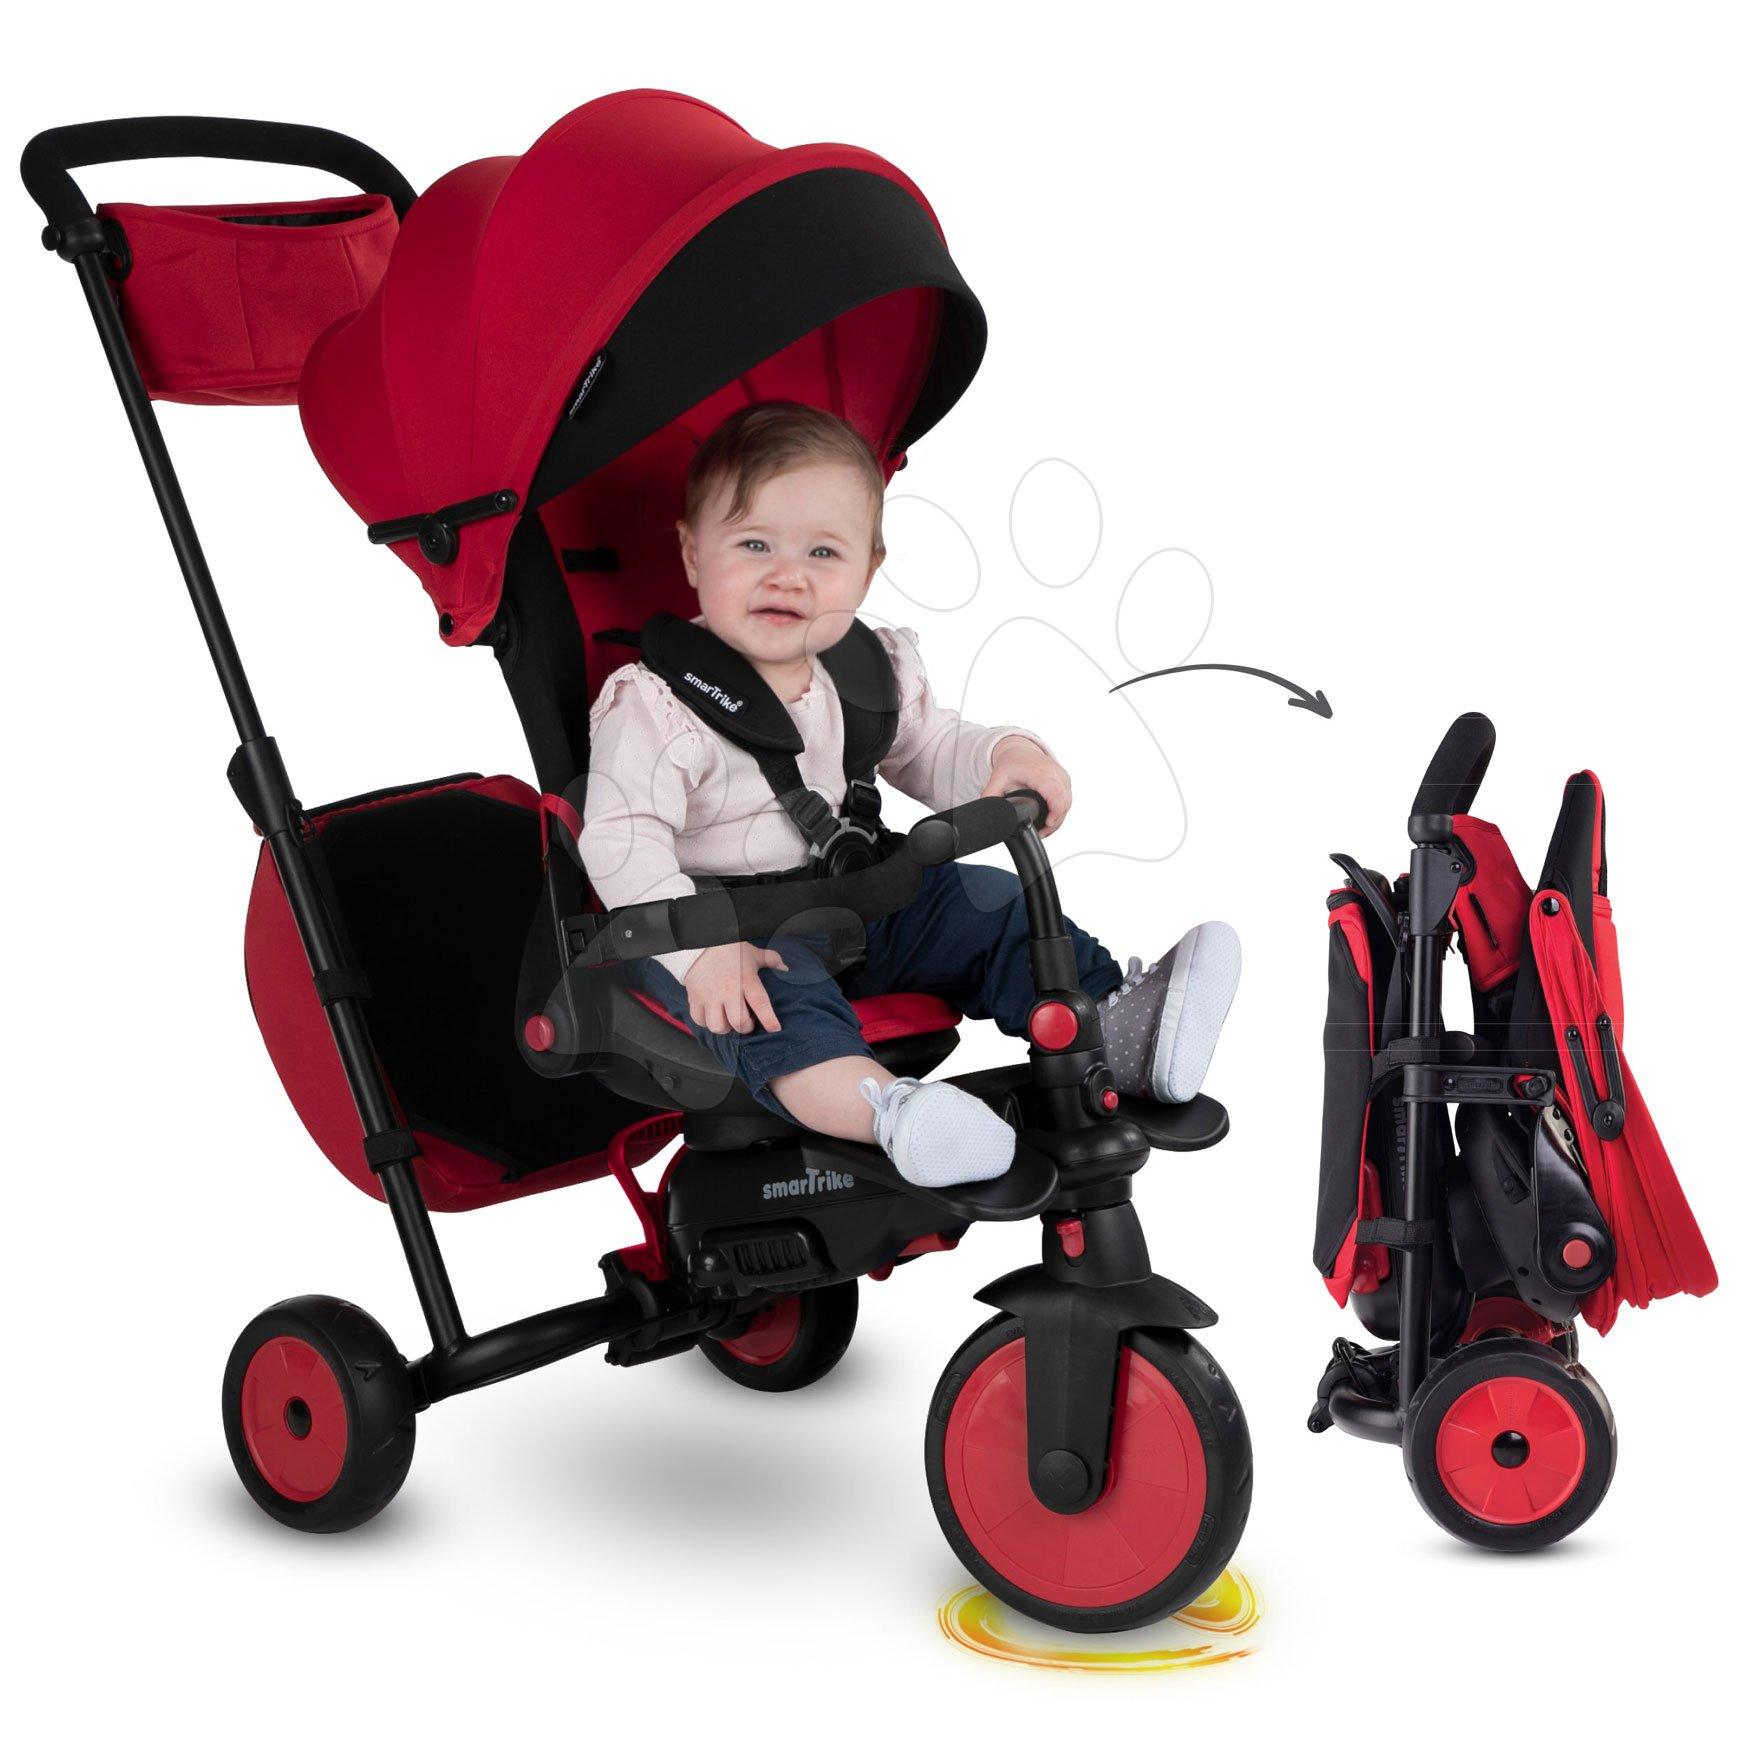 Tricikel in voziček zložljiv STR7 Urban 8v1 smarTrike rdeč z vrtljivim in zložljivim sedežem TouchSteering s EVA kolesi od 6 mes